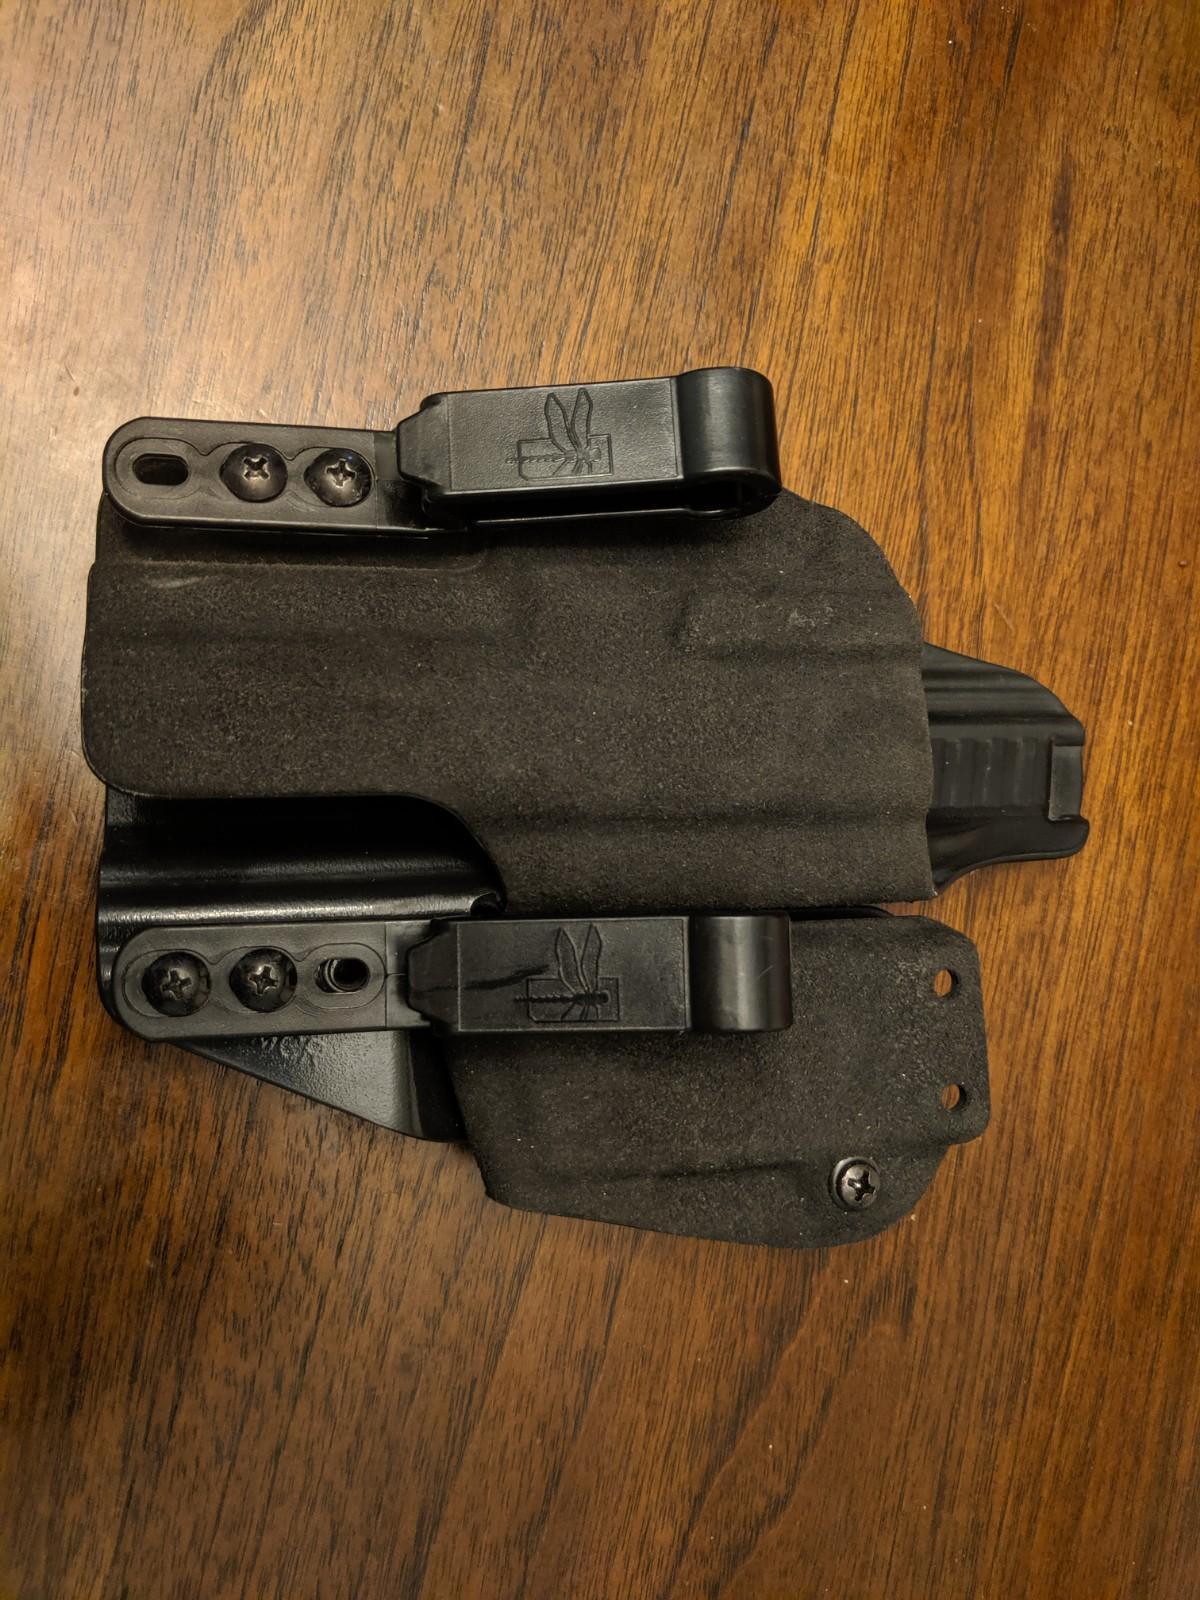 WTS various VP9, PSP, HK45 holsters-img_20190628_184117.jpg